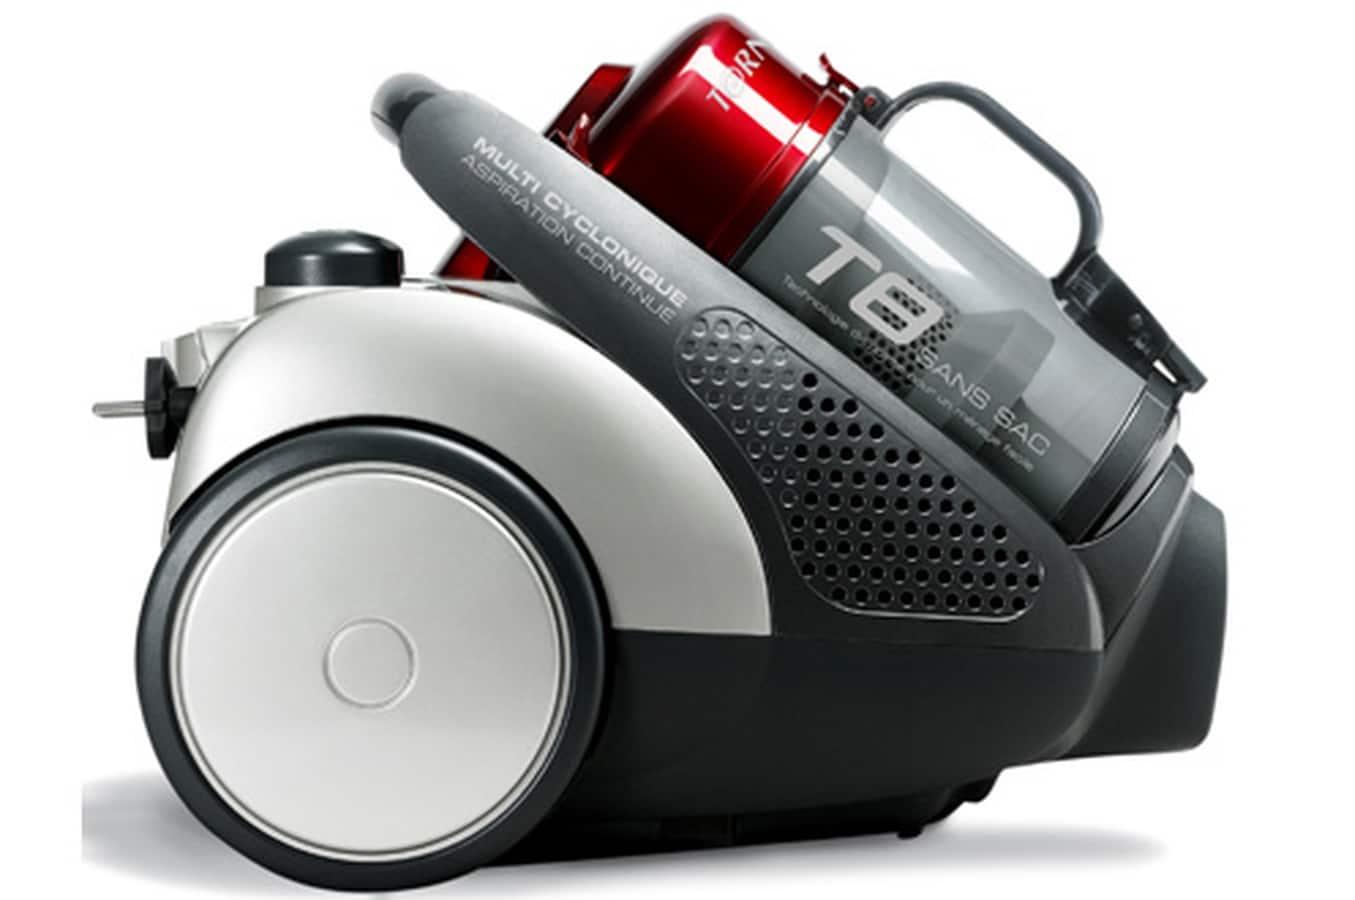 L'ergonomie de l'aspirateur sans sac